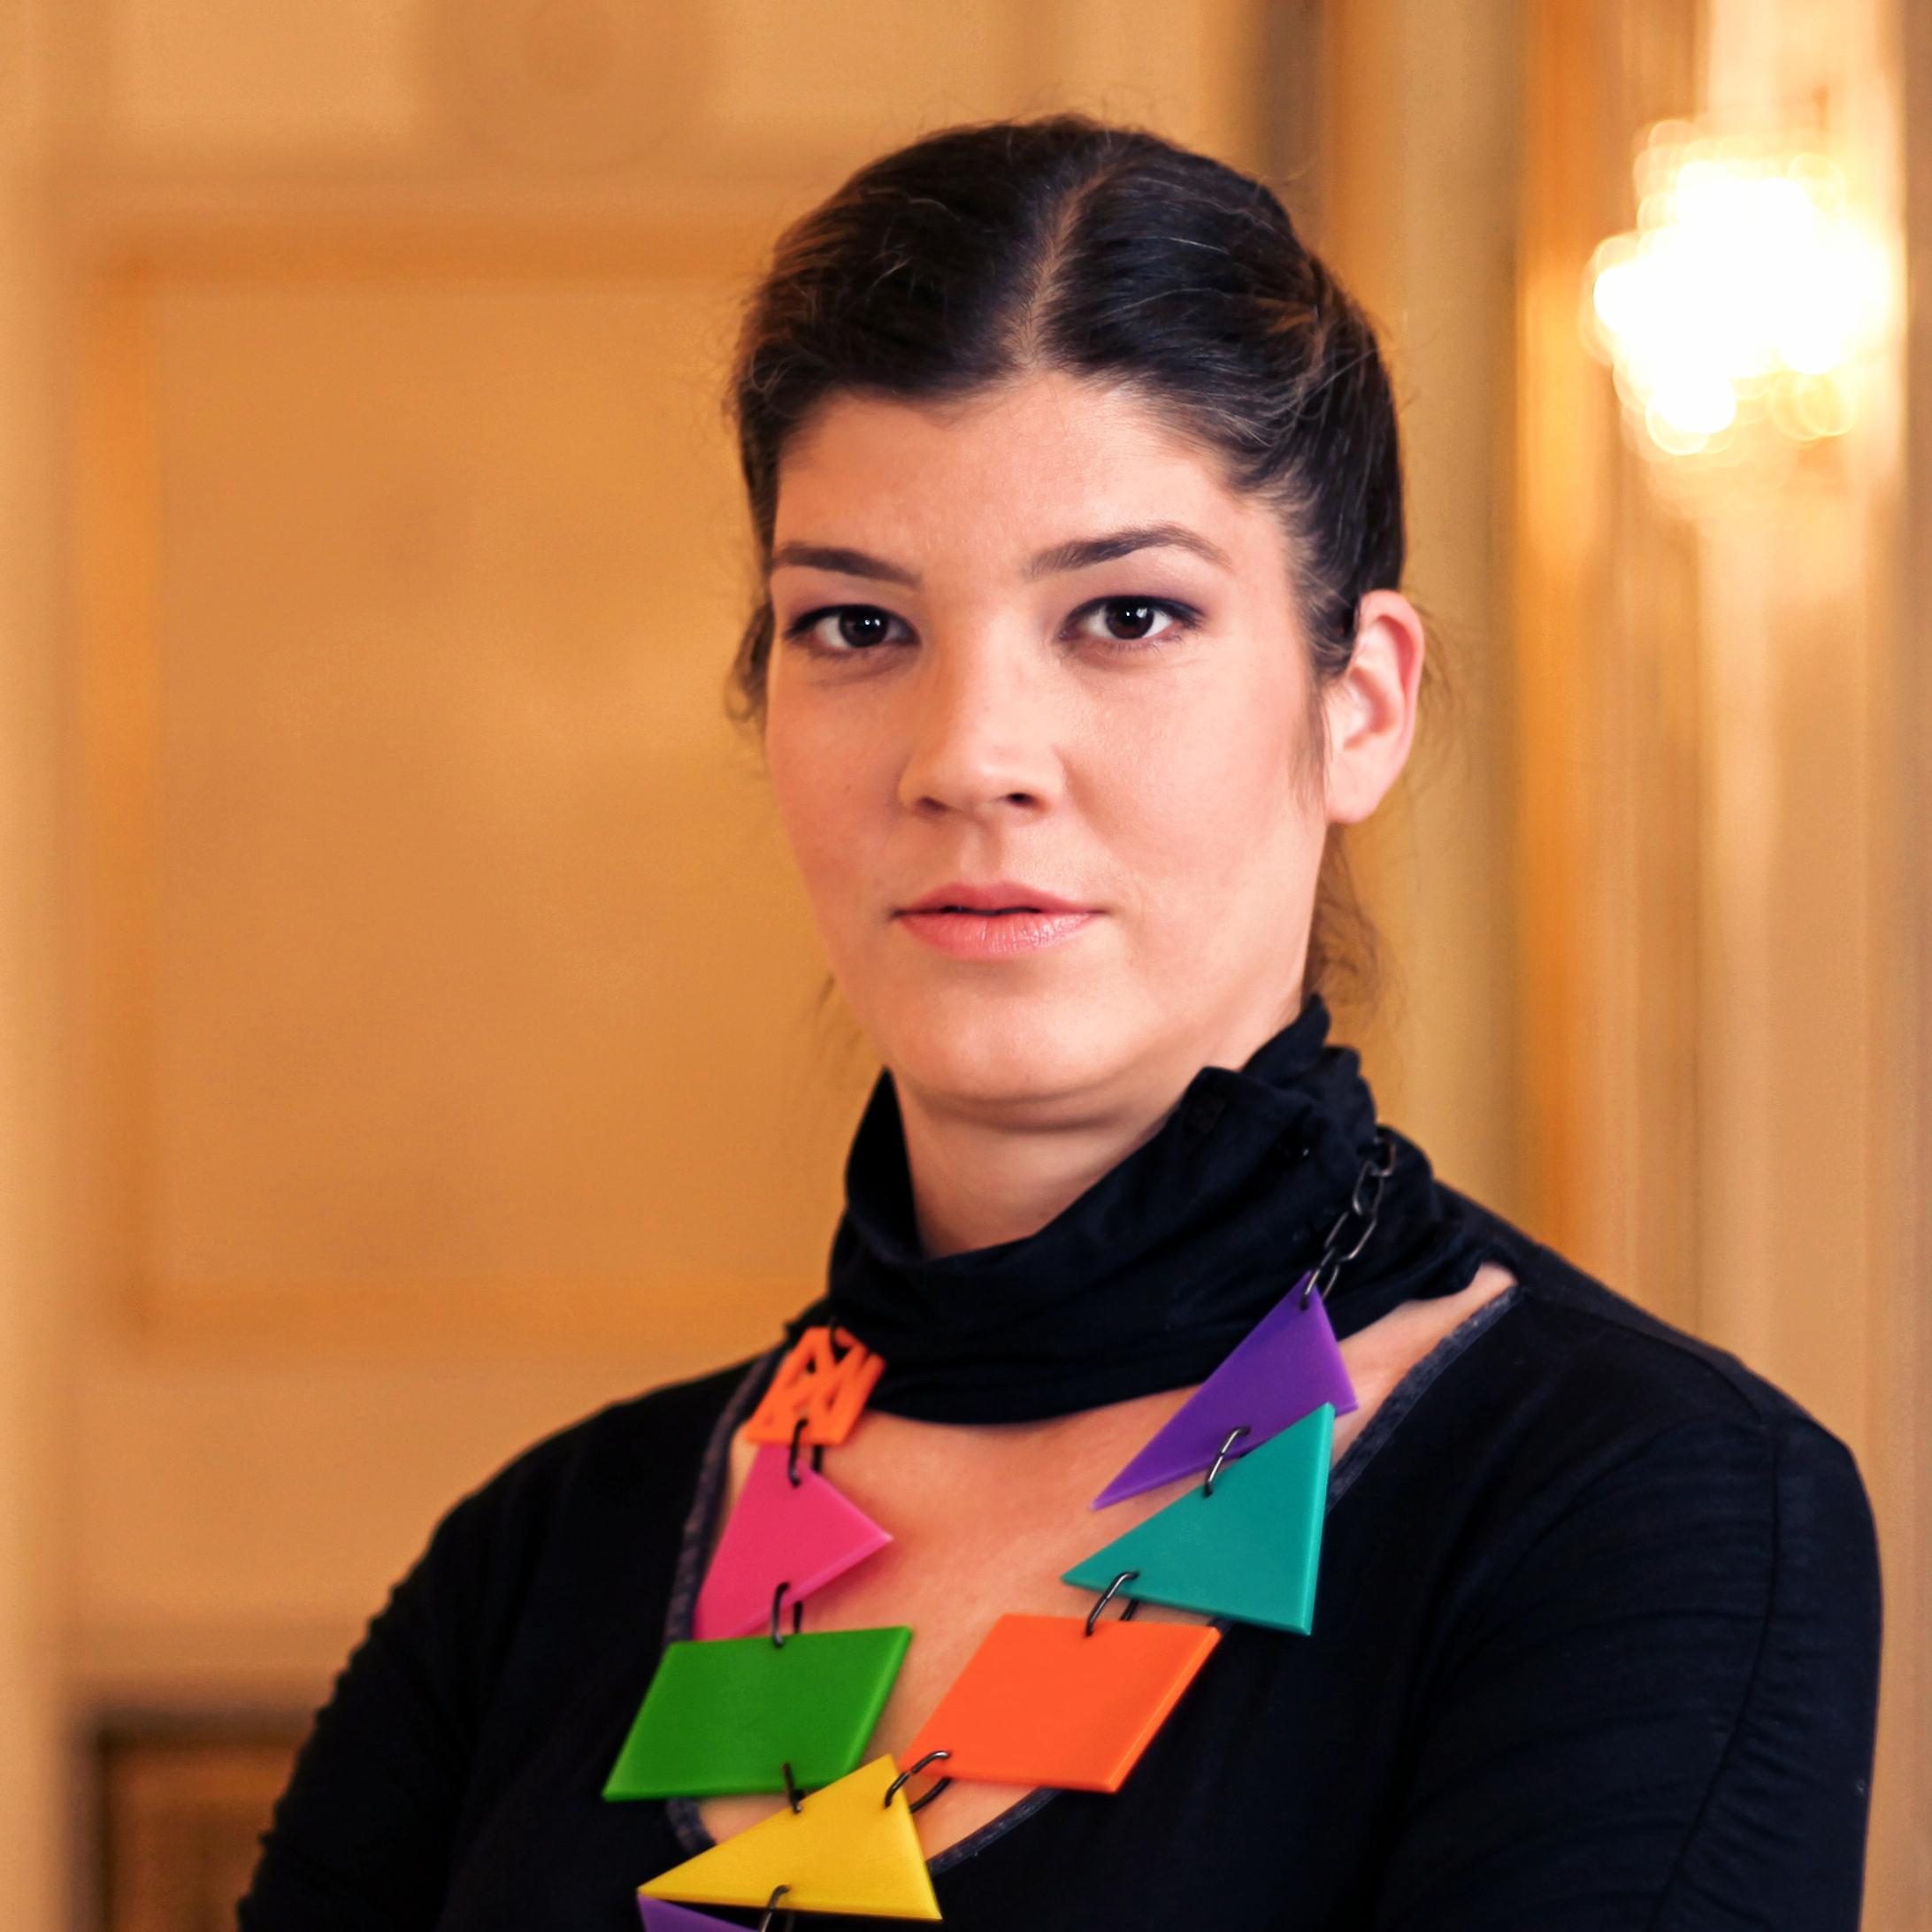 Πορτρέτο της Ιβάνα Νενάντοβιτς. Έχει σκούρα καστανά μαλλιά σε αλογοουρά. Φορά μαύρη μπλούζα και περίτεχνο κολιέ με μεγάλα πολύχρωμα τρίγωνα. Κοιτά ευθέως.